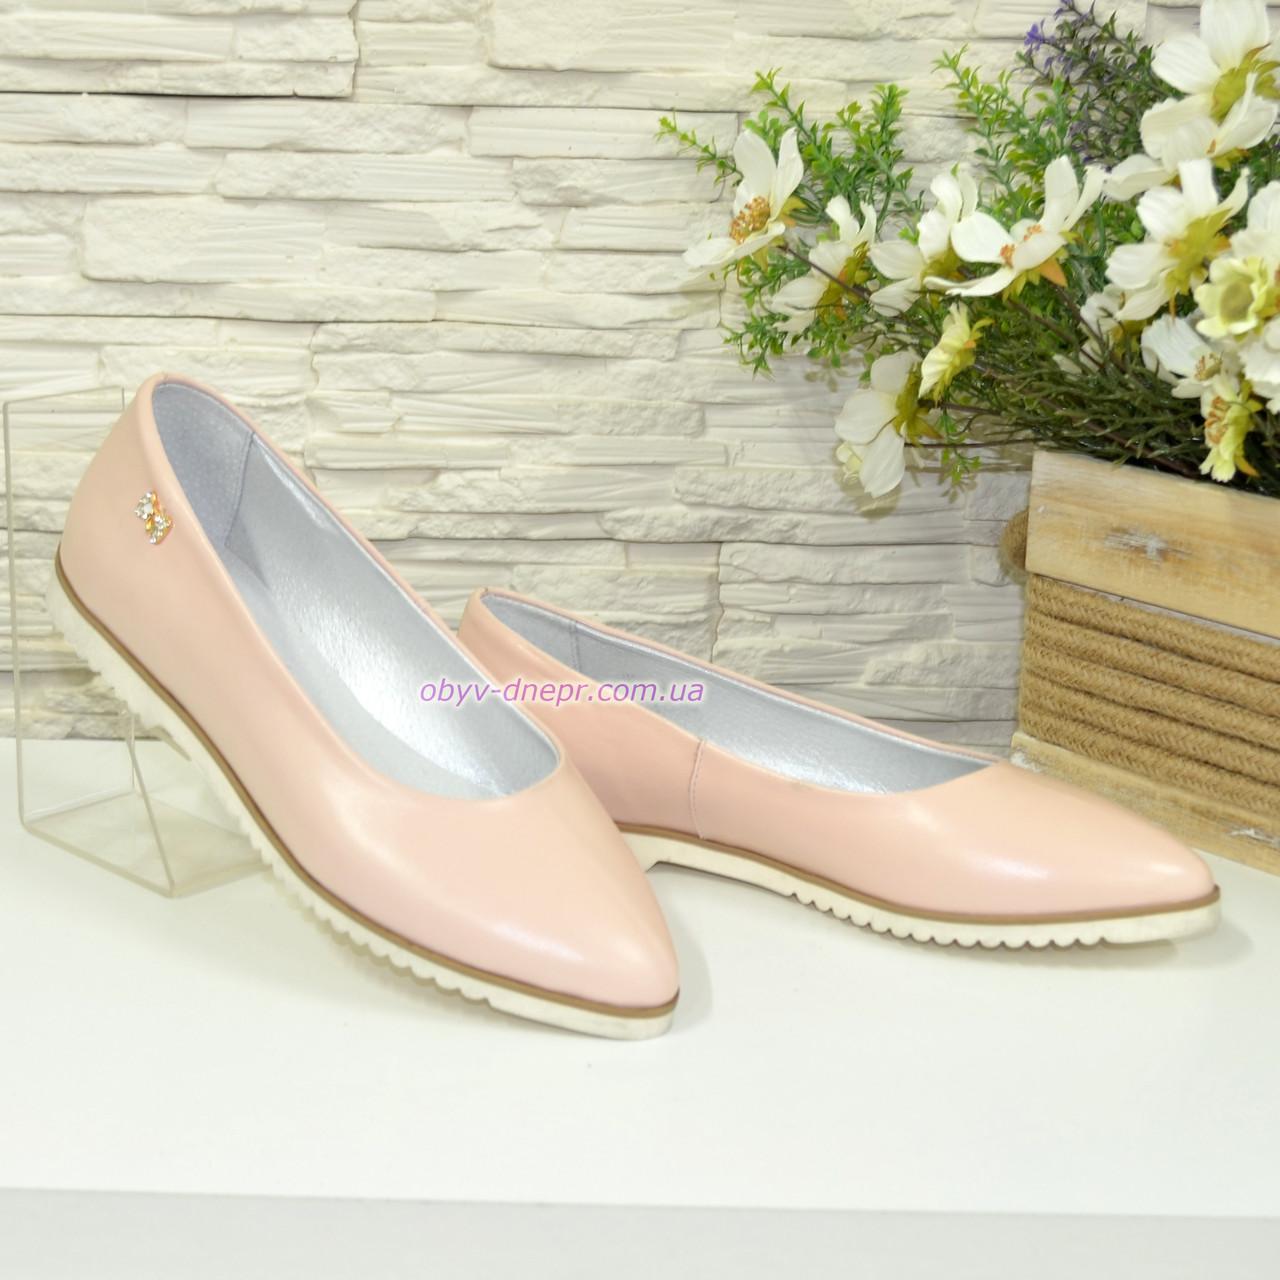 Женские кожаные туфли-балетки с заостренным носком. Цвет пудра